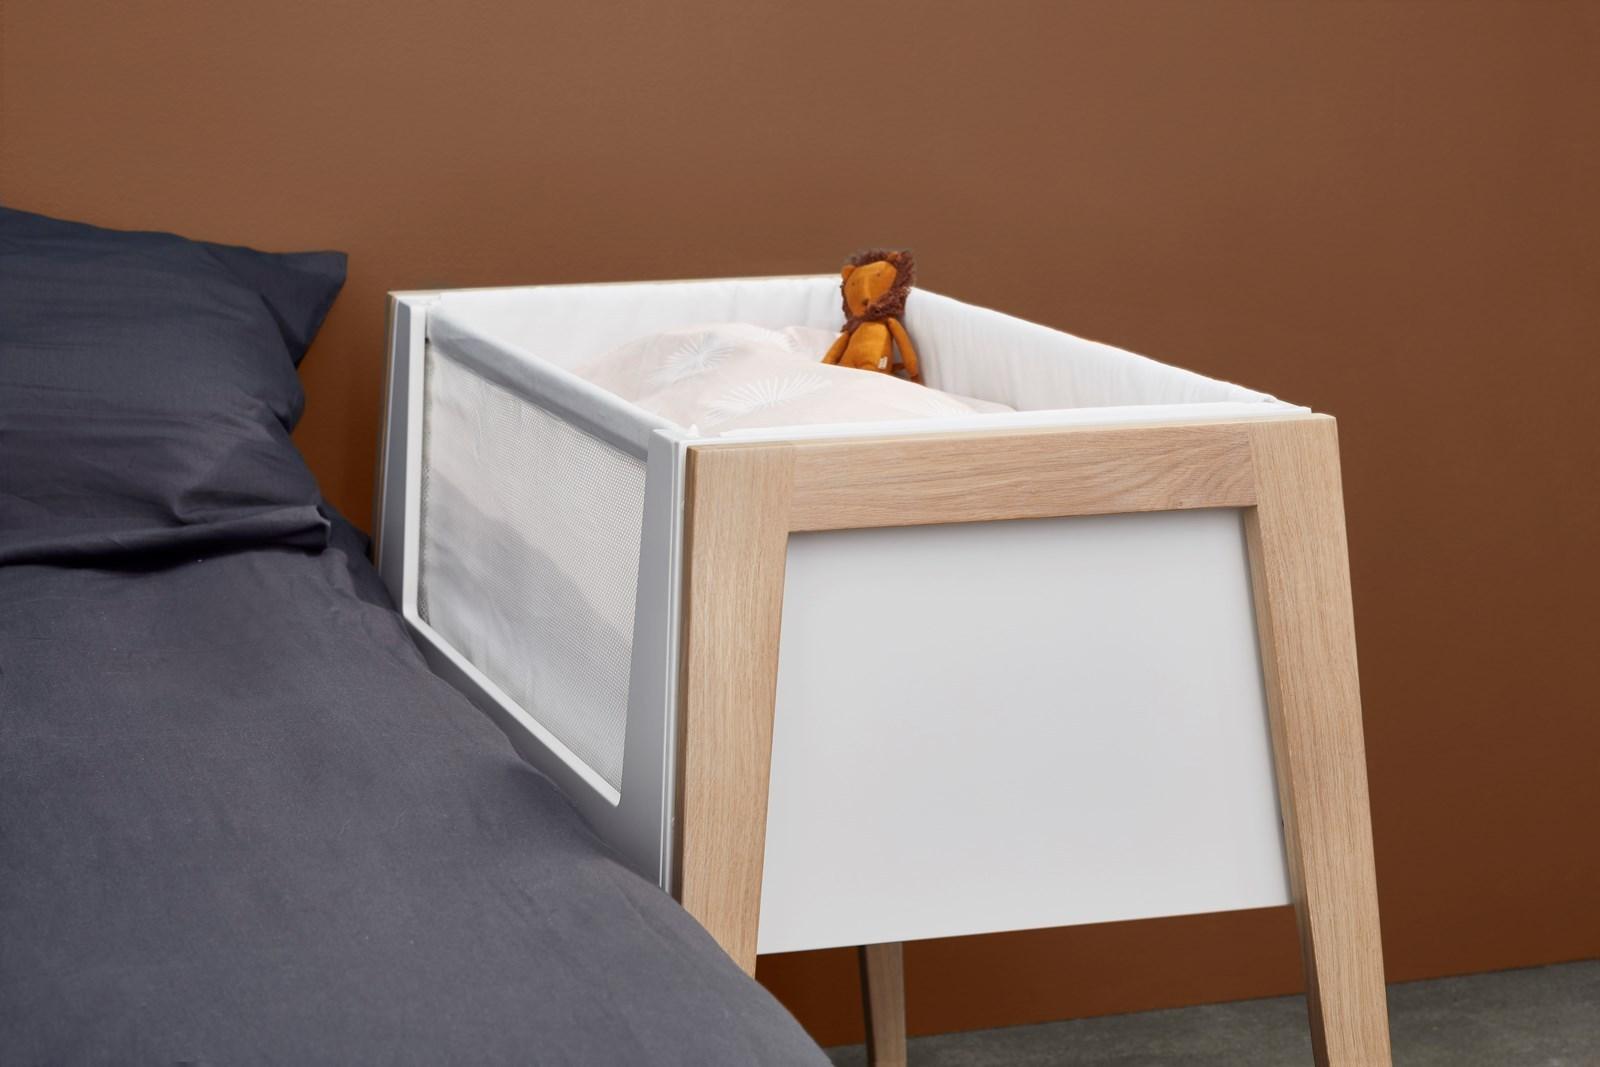 Full Size of Ausstellungsstck Linea Side By Bett Eiche 3 Boxen Mit Unterbett Runde Betten Clinique Even Better 140 Wand überlänge Sofa Bettfunktion Selber Bauen 180x200 Bett Bett Ausstellungsstück